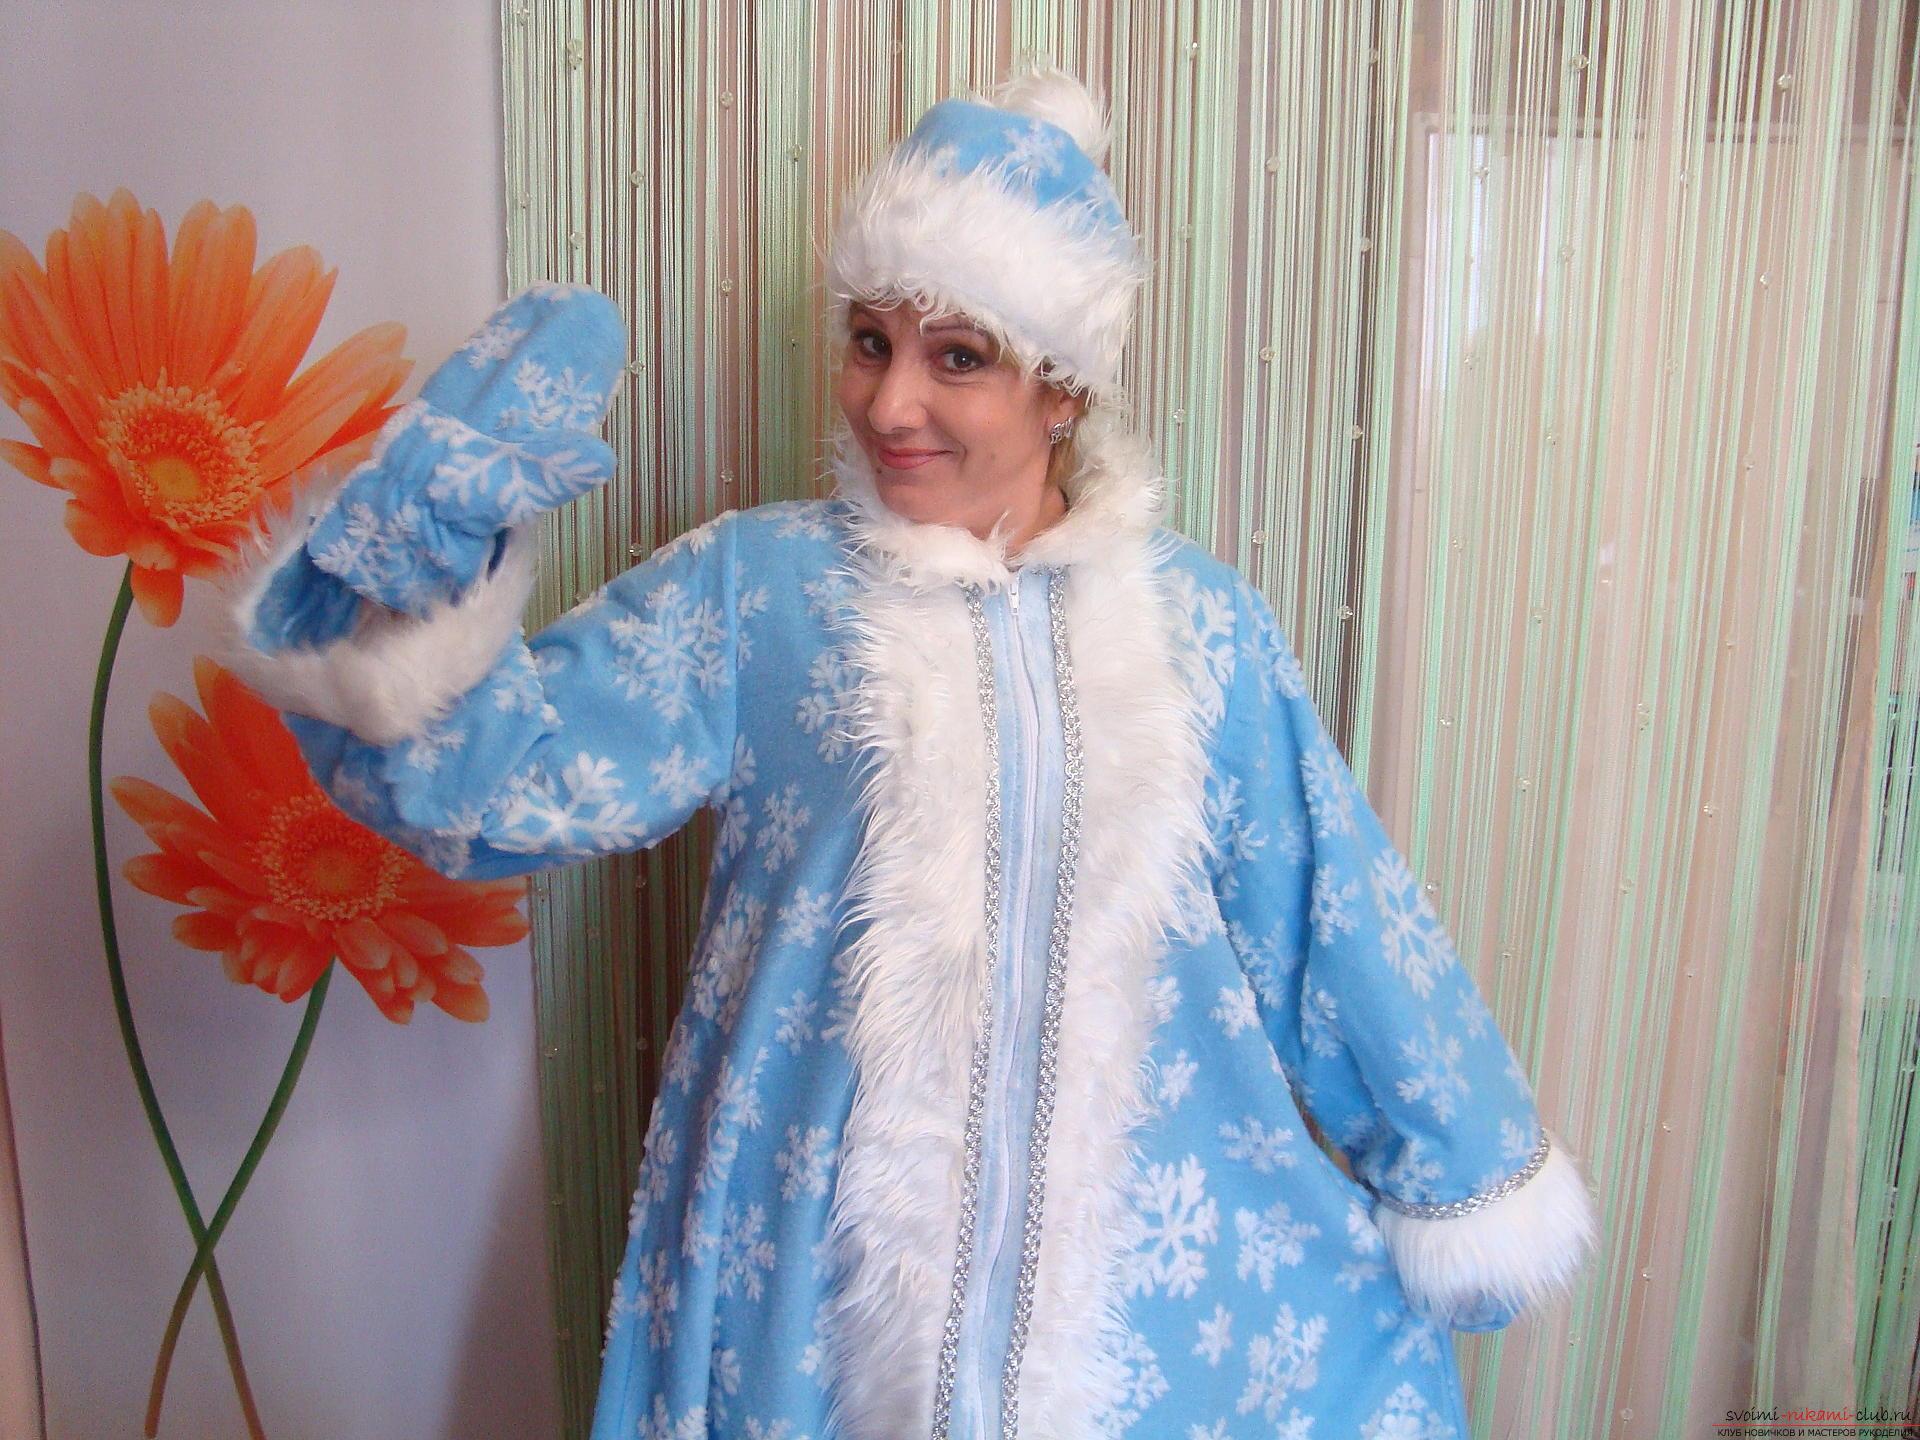 Сшить костюм снегурочки своими руками взрослый фото 180